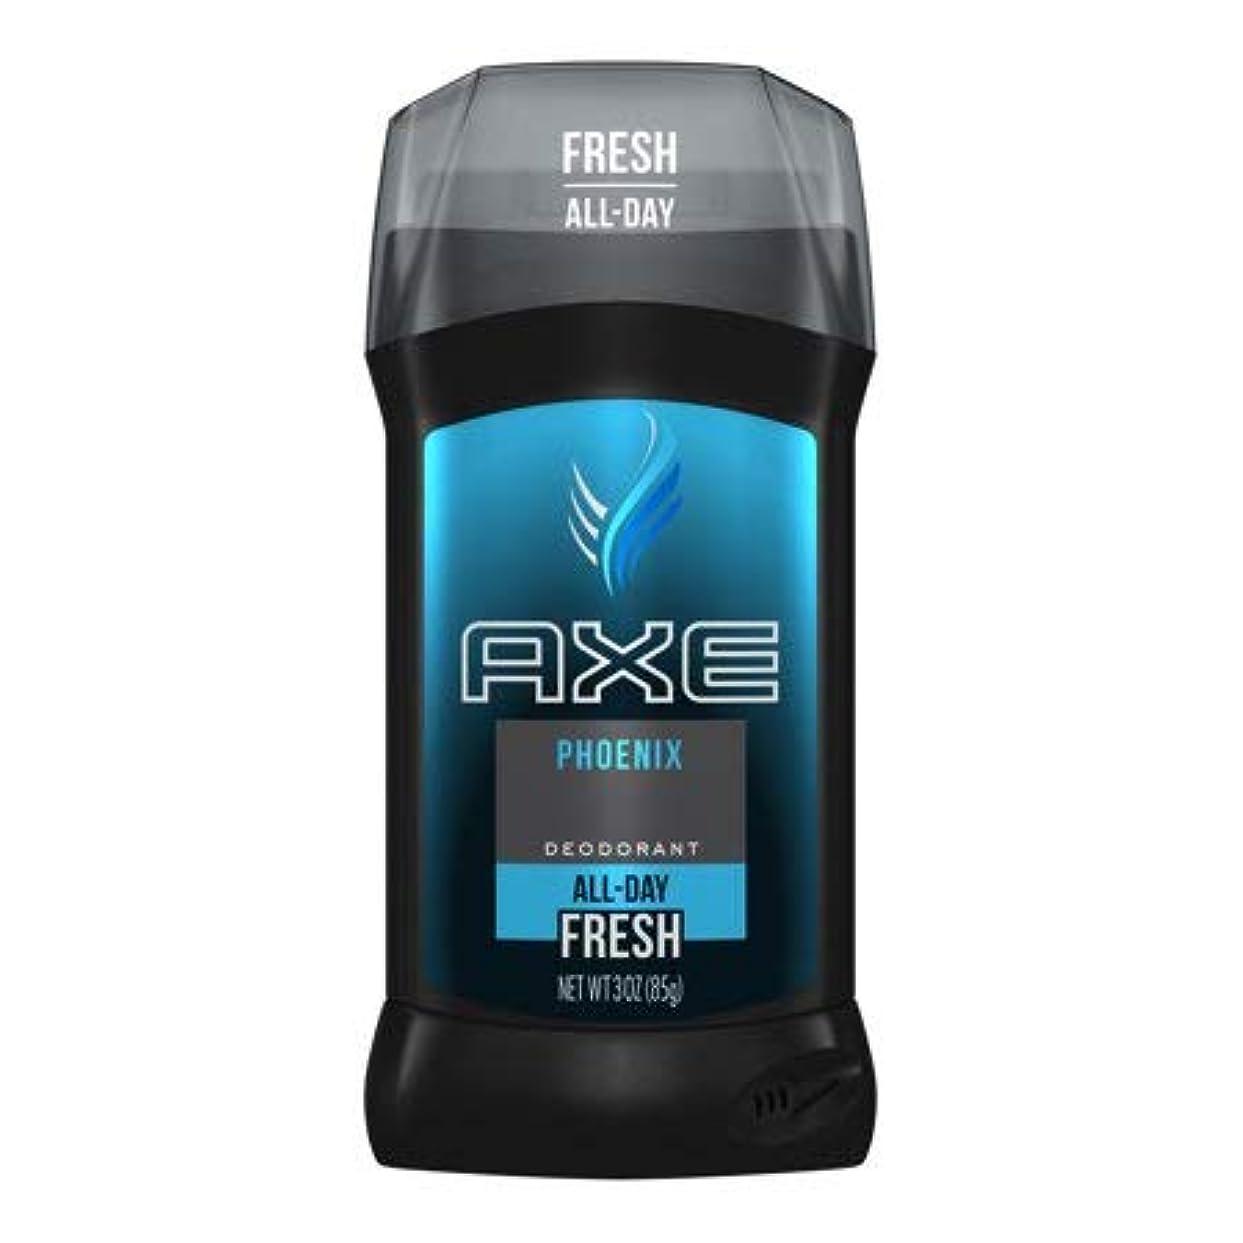 発行隣人若者AXE Phoenix Deodorant Stick Fresh 3 oz アクセ フェニックス フレッシュ デオドラント 海外直送品 [並行輸入品]